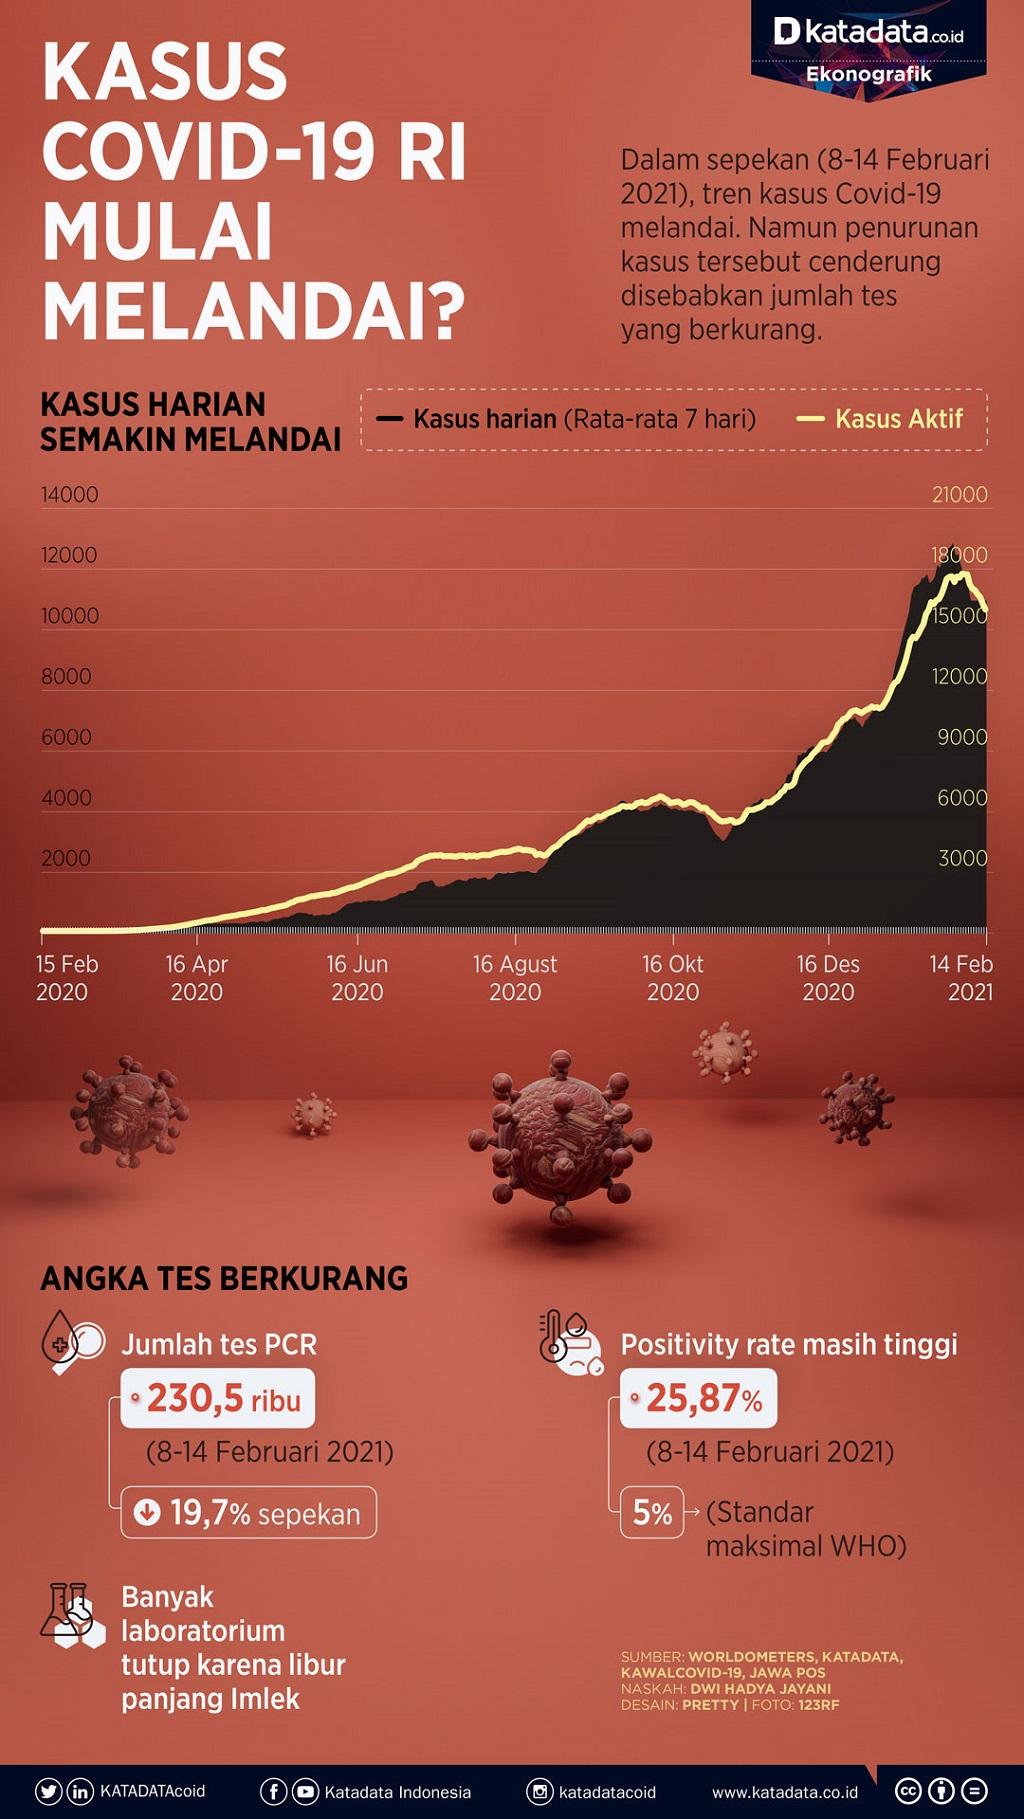 Infografik_Kasus covid-19 ri mulai melandai